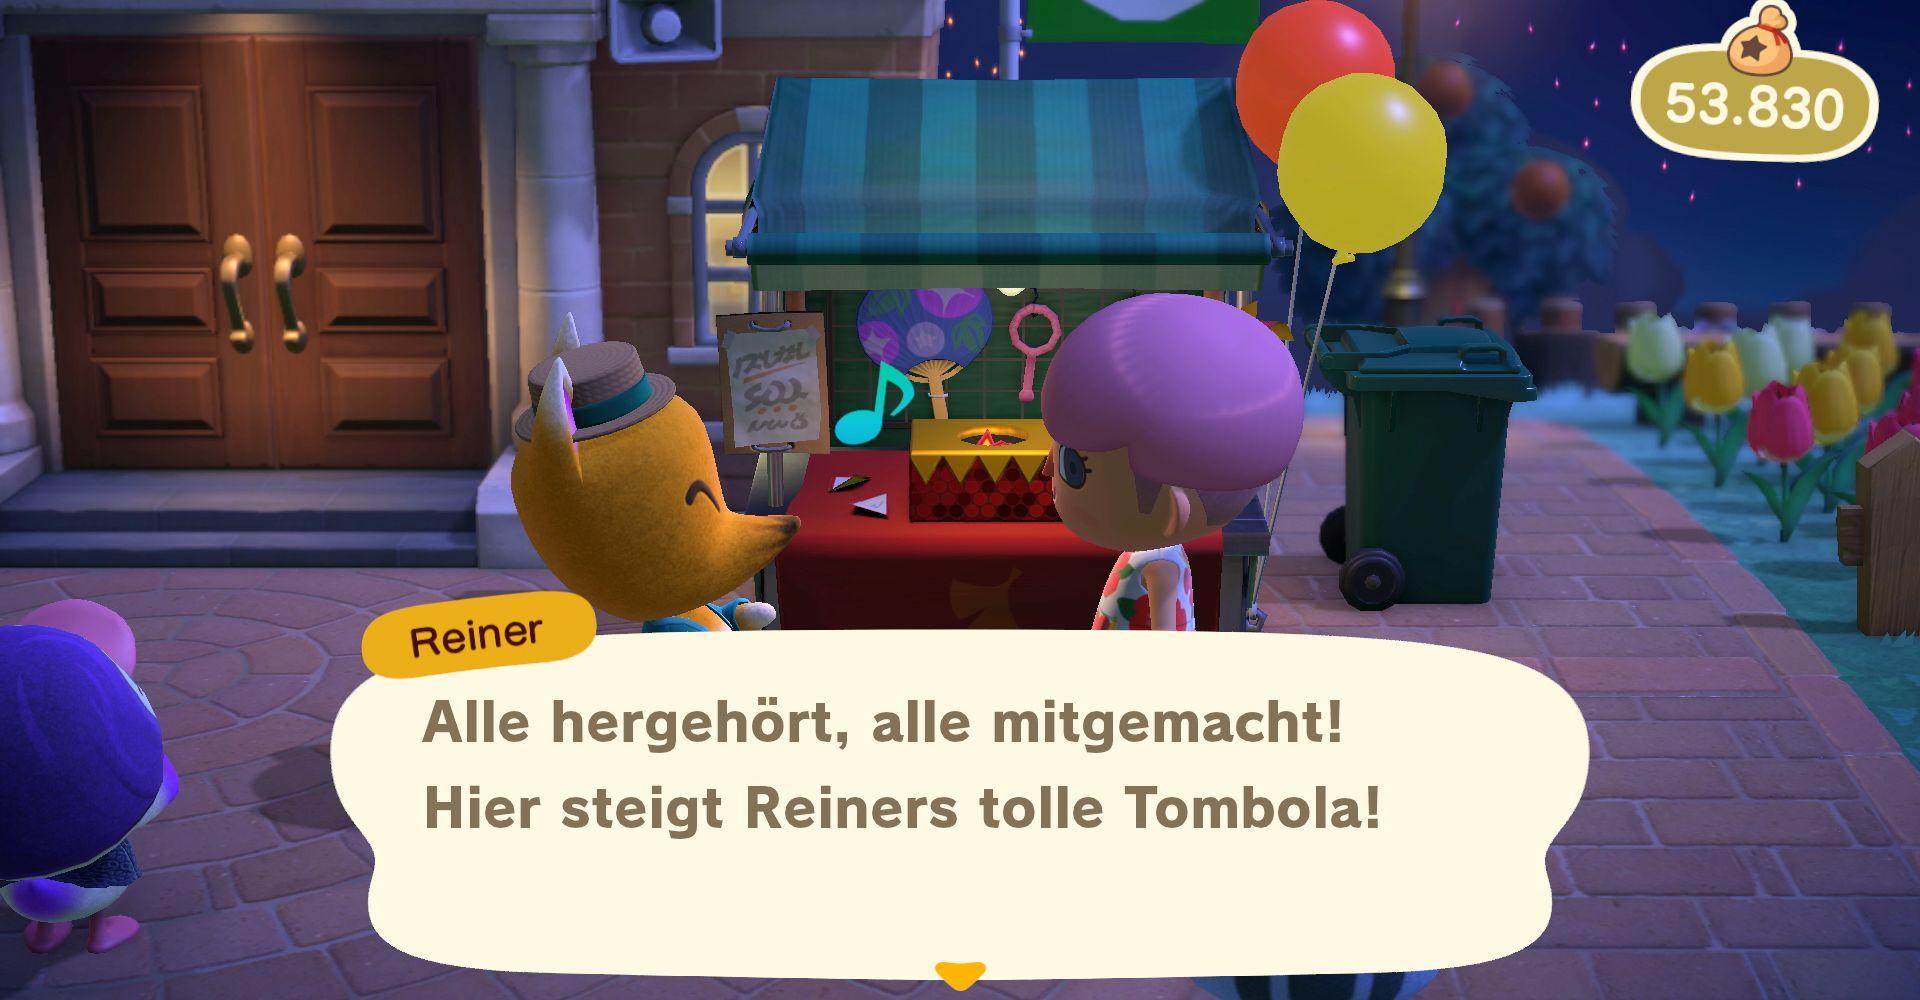 Reiner und seine Tombola in Animal Crossing: New Horizons.